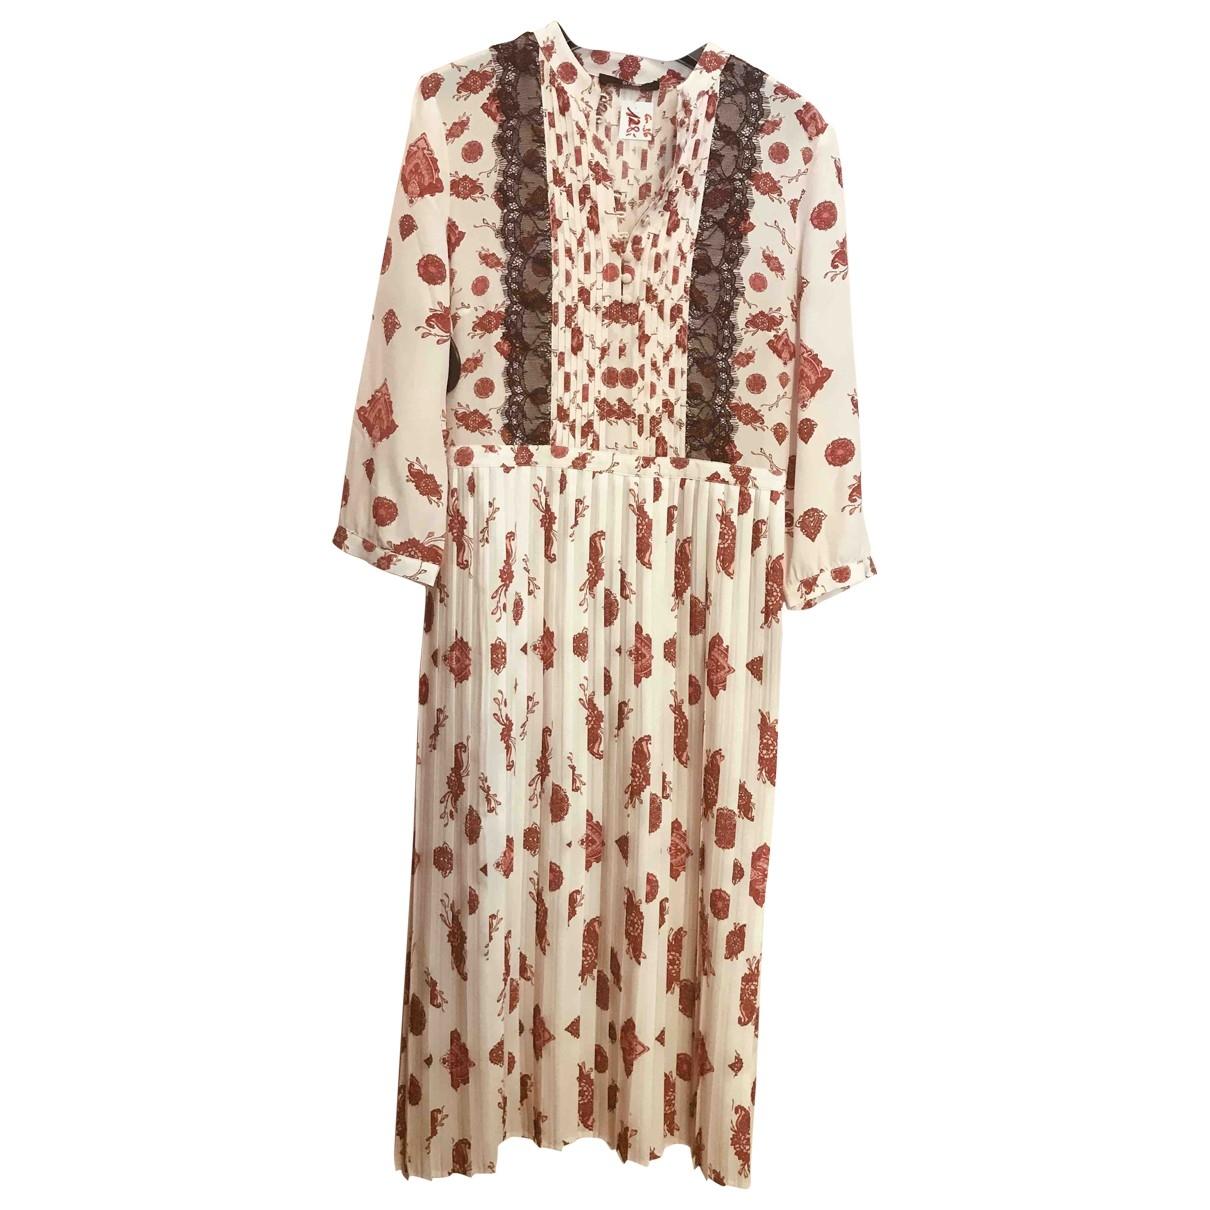 Sly010 \N Kleid in Seide